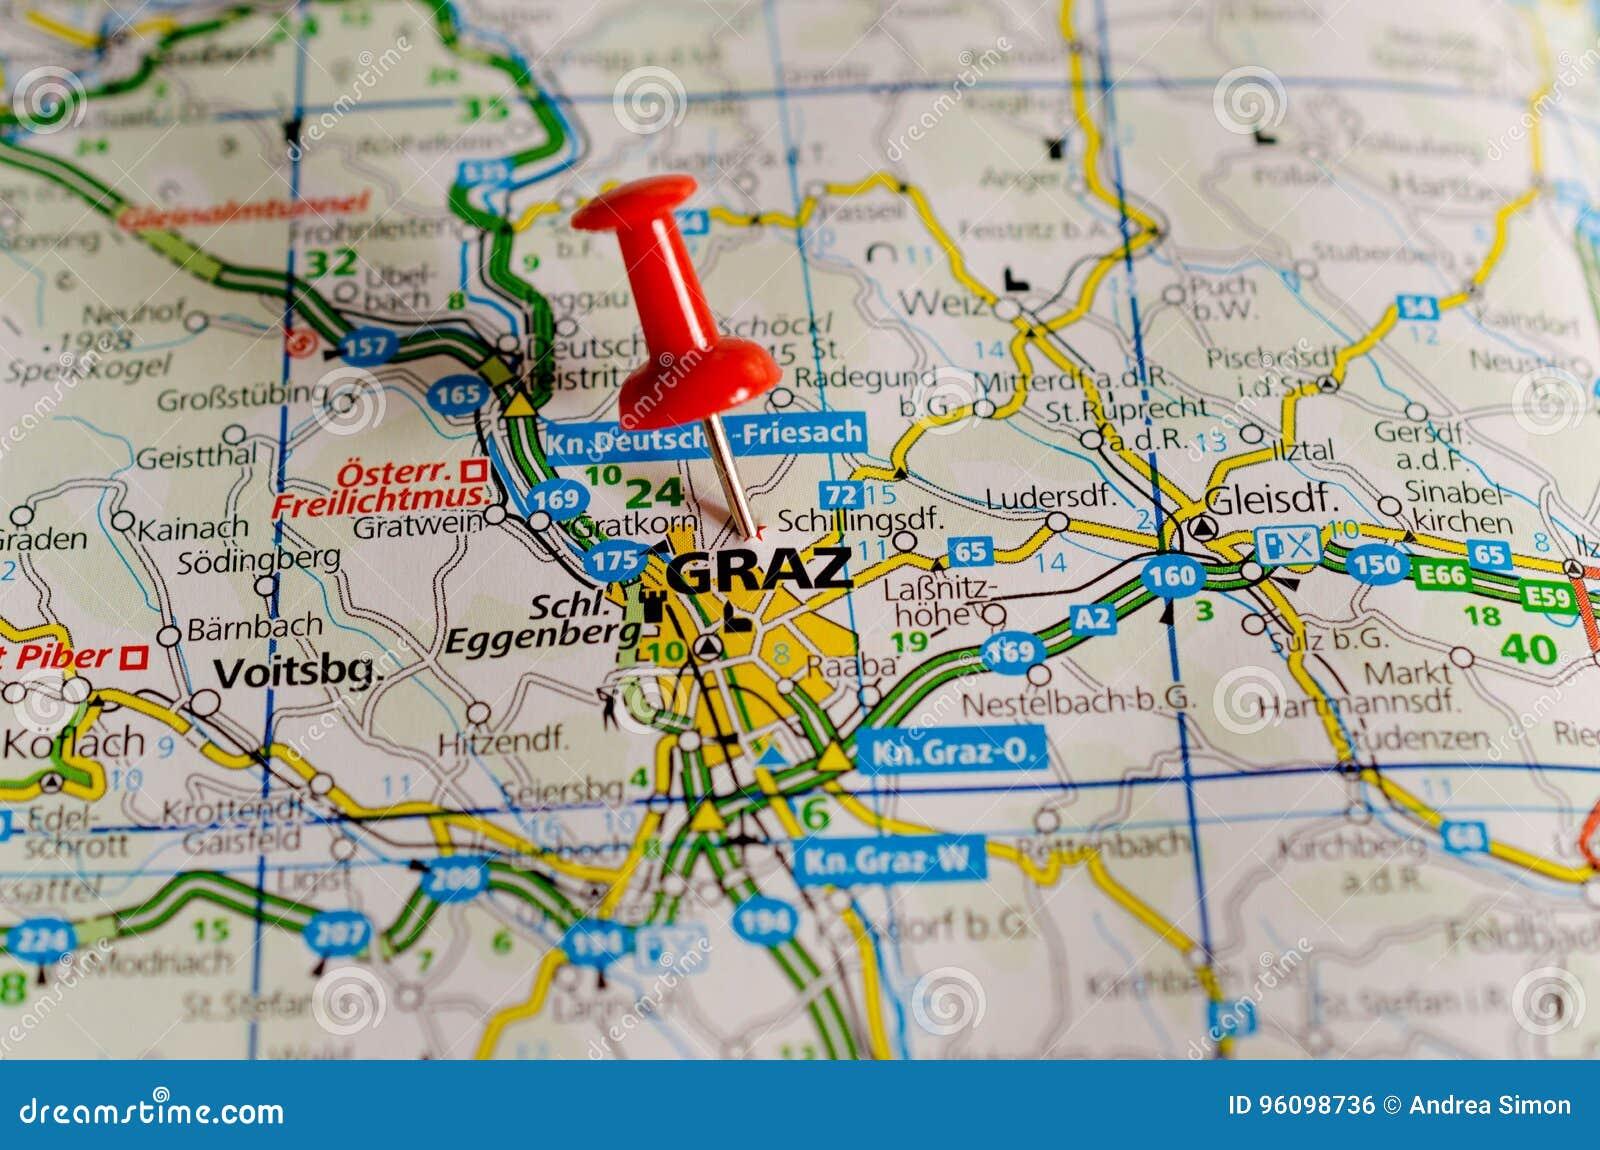 Karte Graz.Graz Auf Karte Stockfoto Bild Von Zustand Osterreich